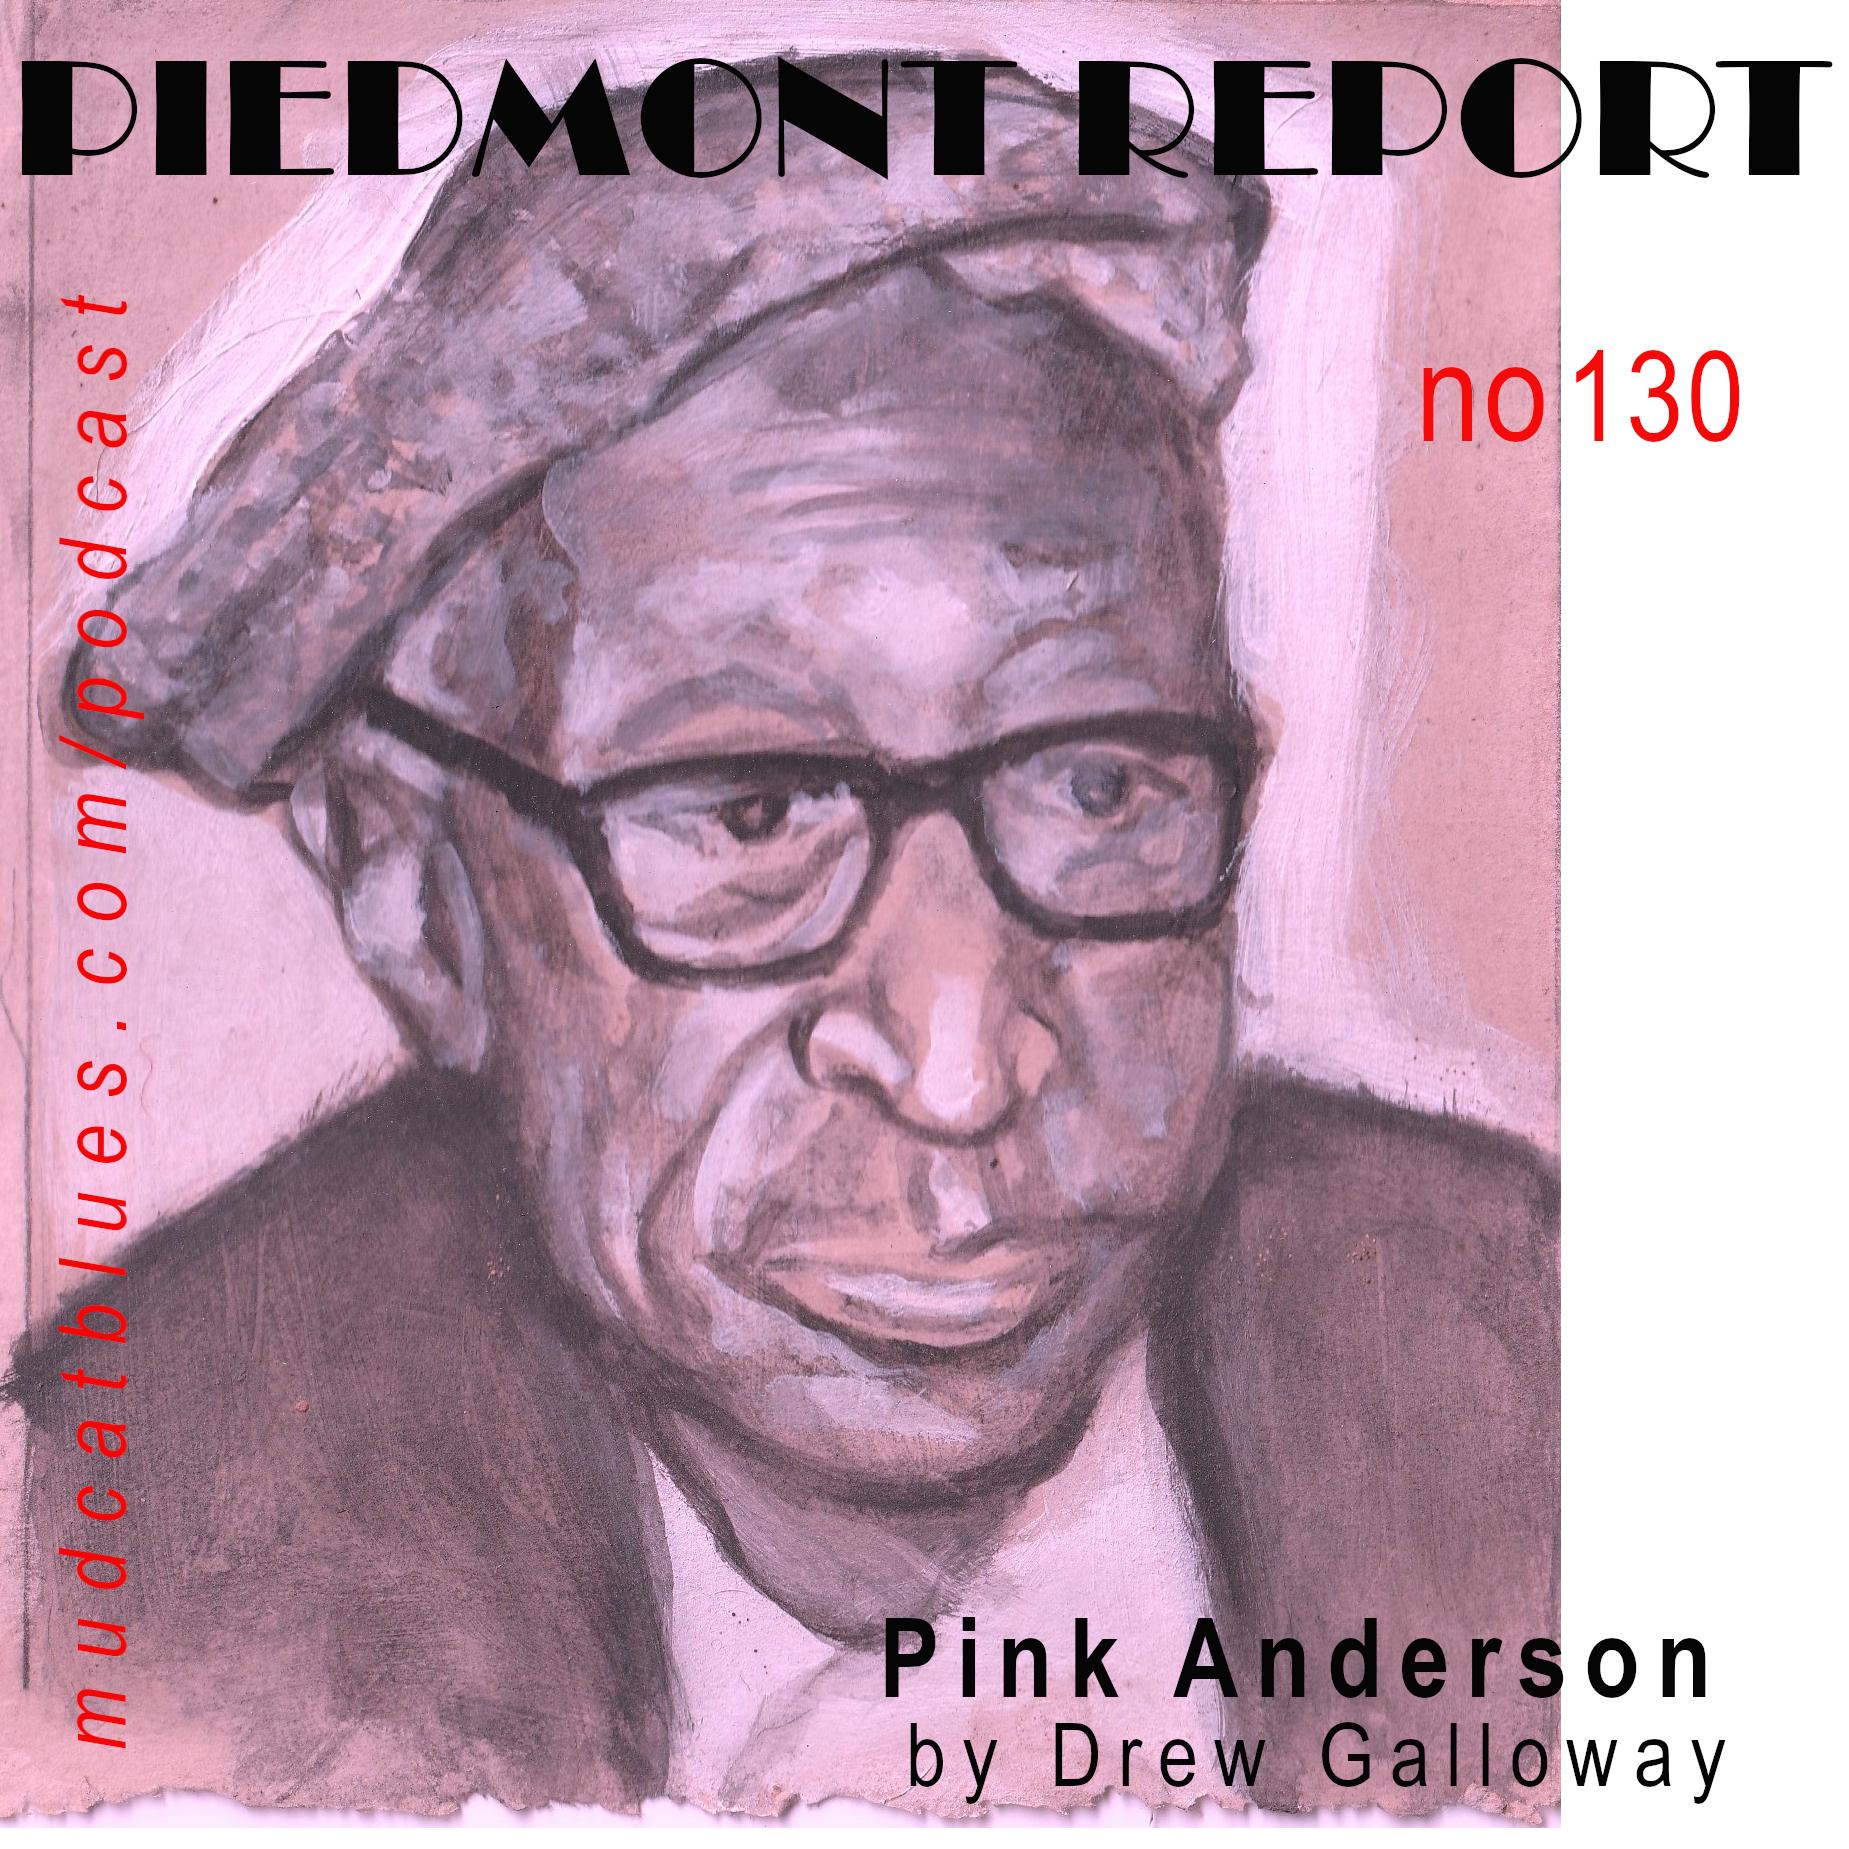 Piedmont Report 130